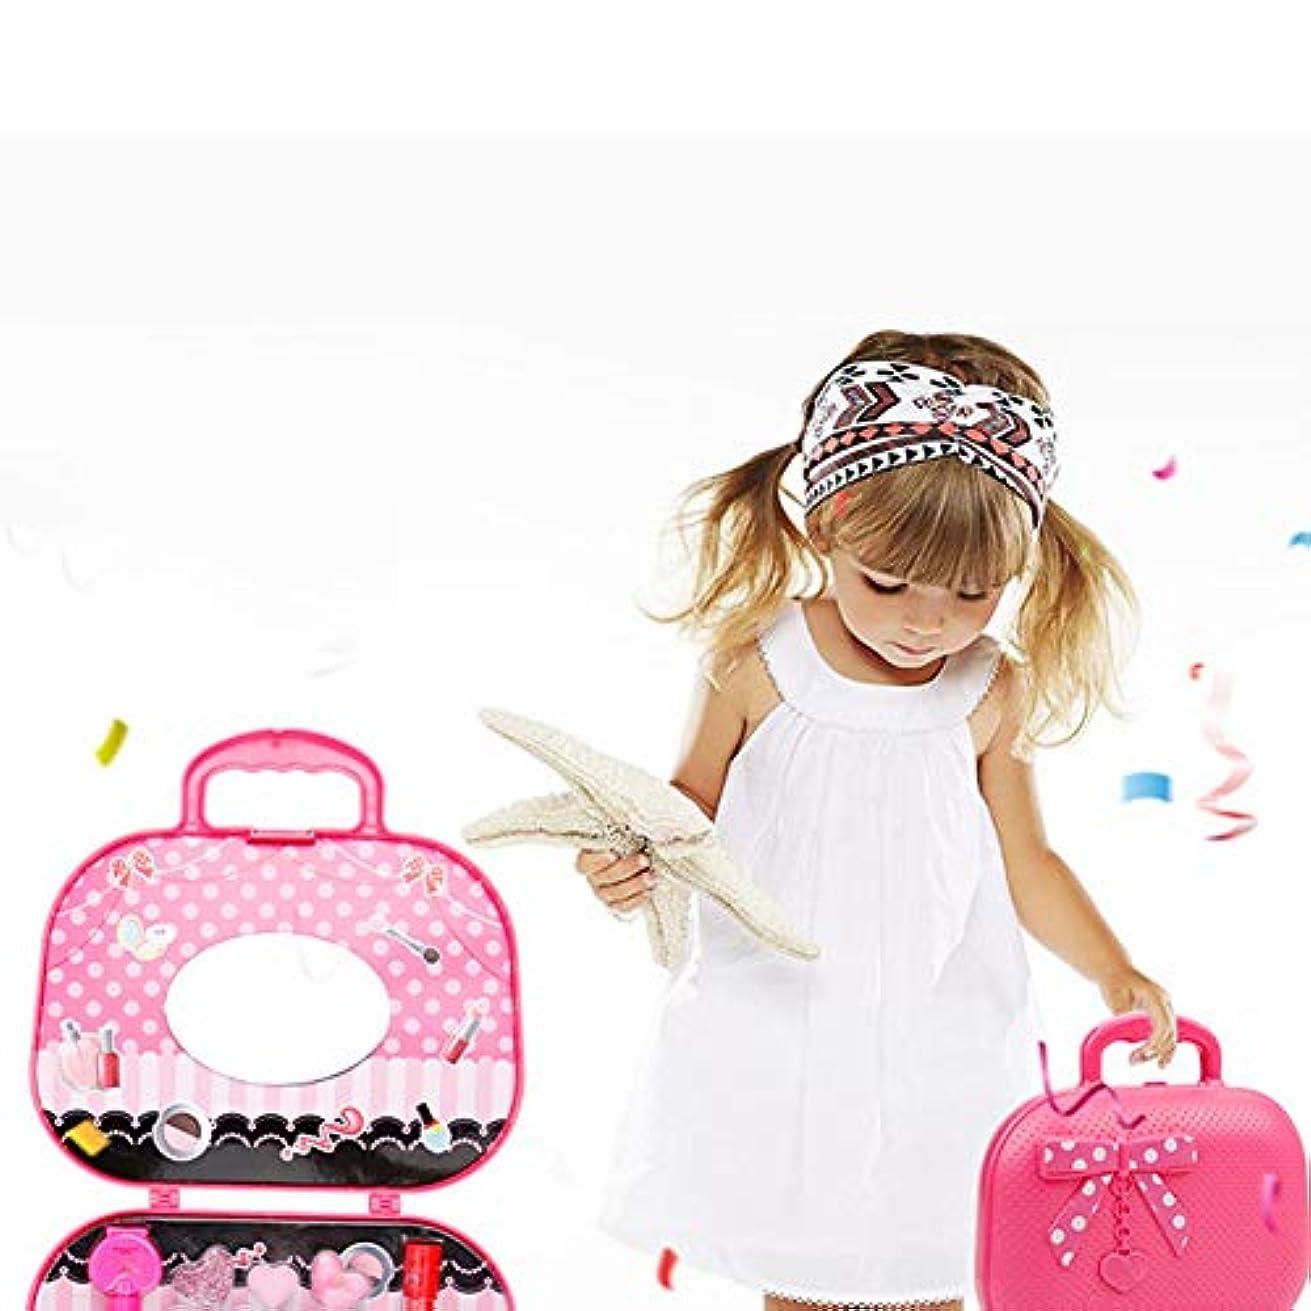 前に幸福無心かわいいプリンセスふりメイクセットキッズガールズシミュレーション口紅子供のおもちゃ - ピンク